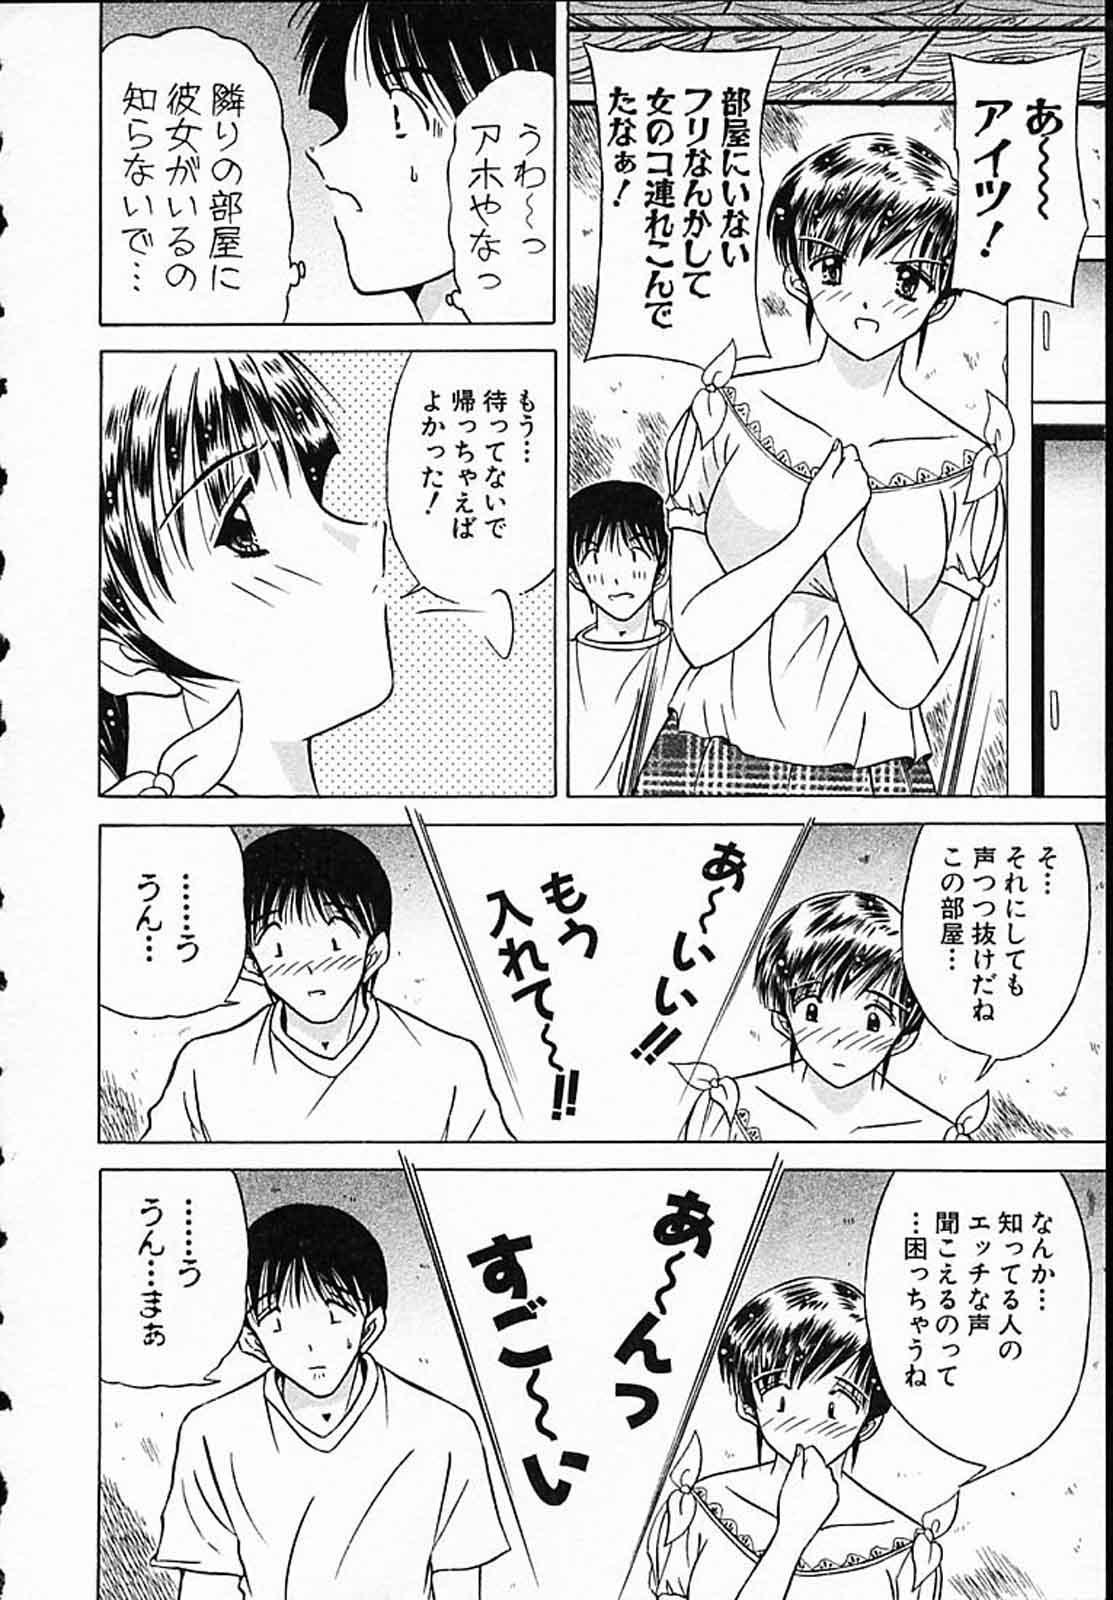 Hiyokko Nurse! 14